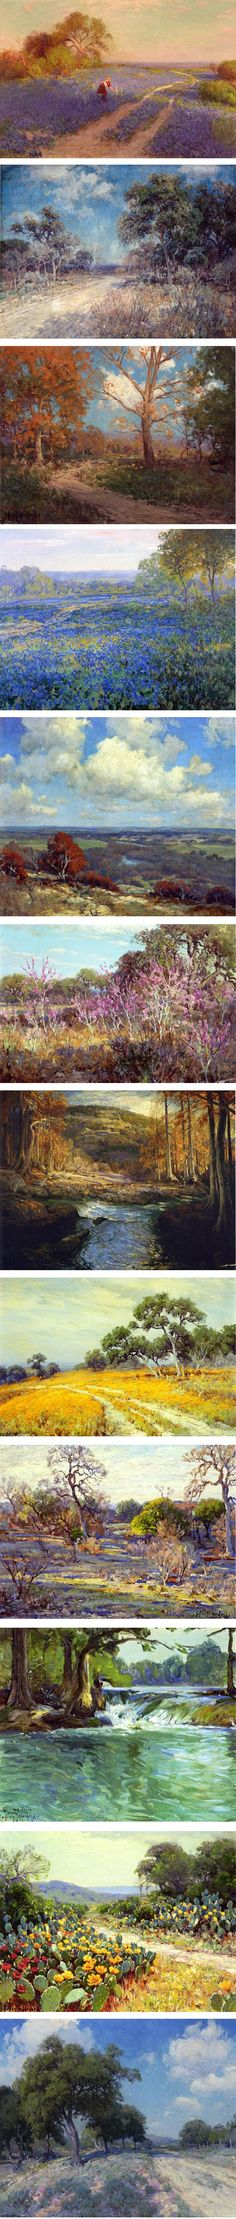 pretty landscape paintings by Julian Onderdonk